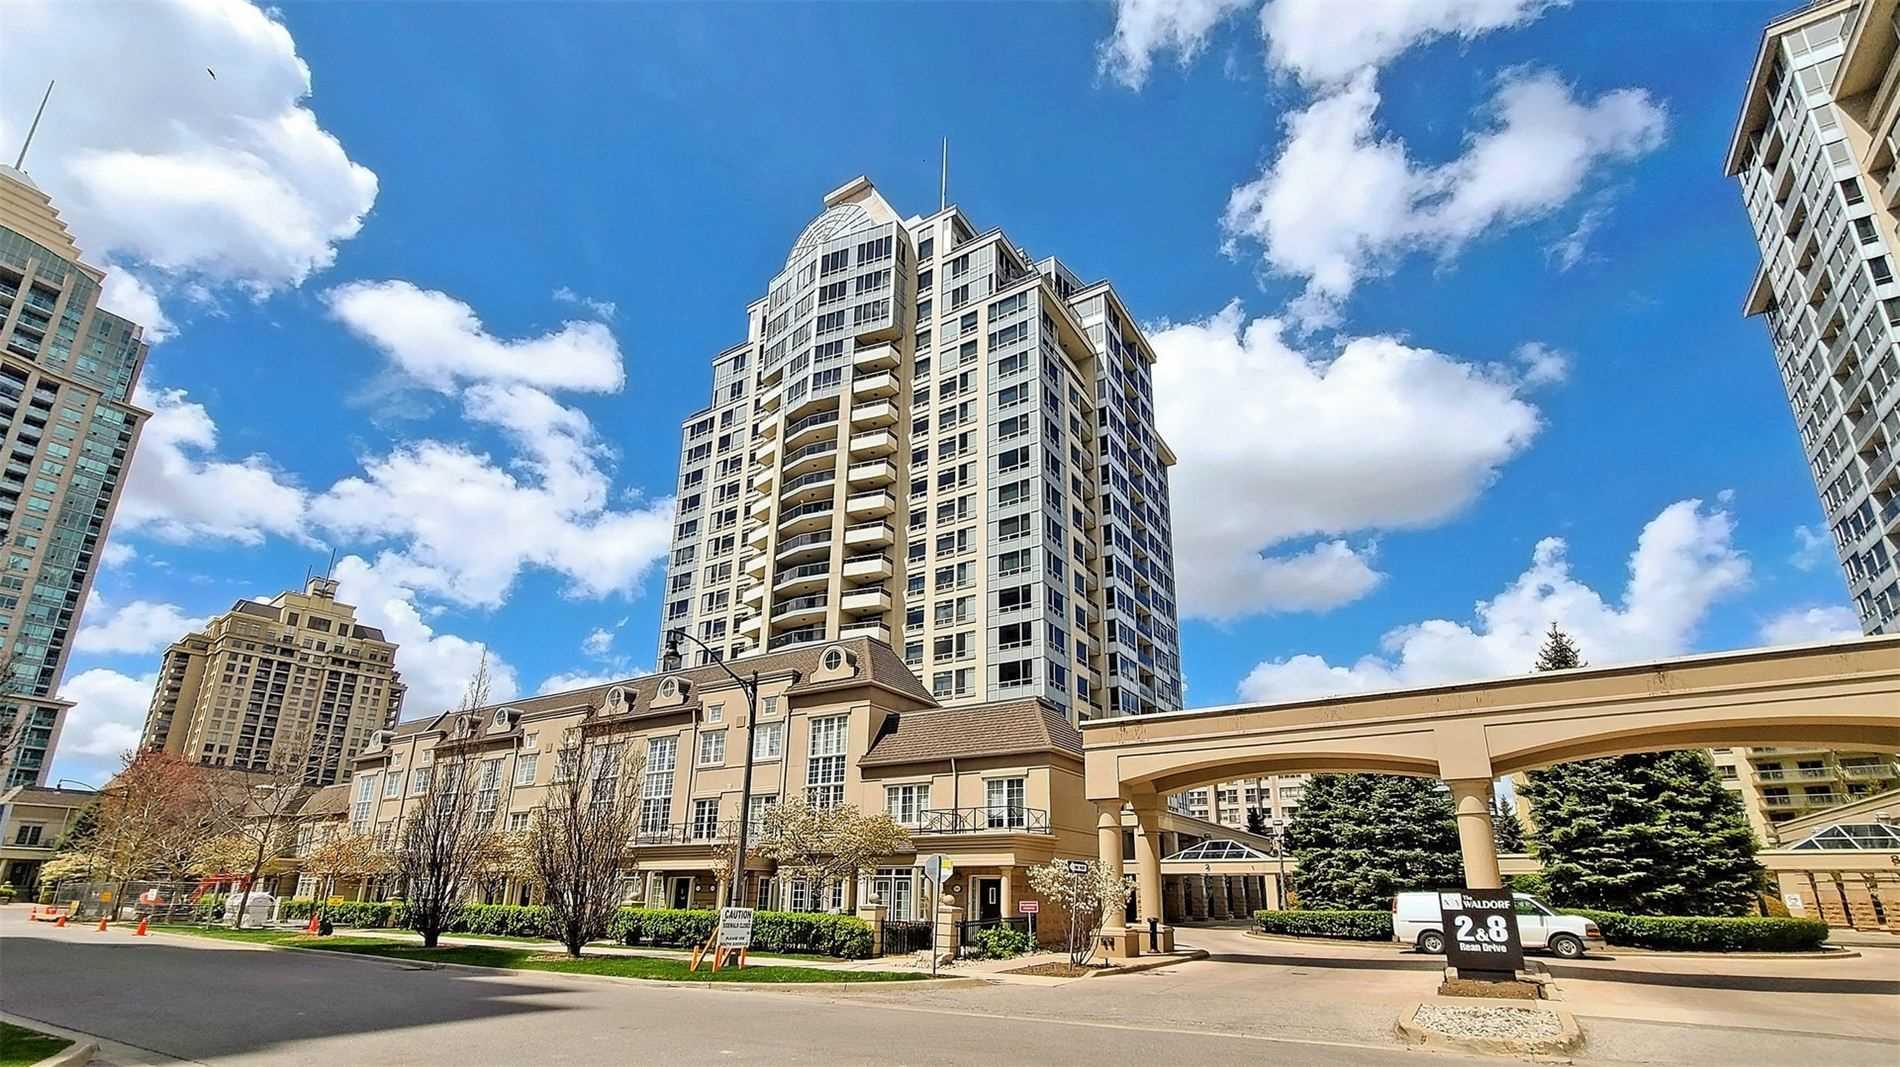 1208 - 2 Rean Dr - Bayview Village Condo Apt for sale, 2 Bedrooms (C5248666) - #1